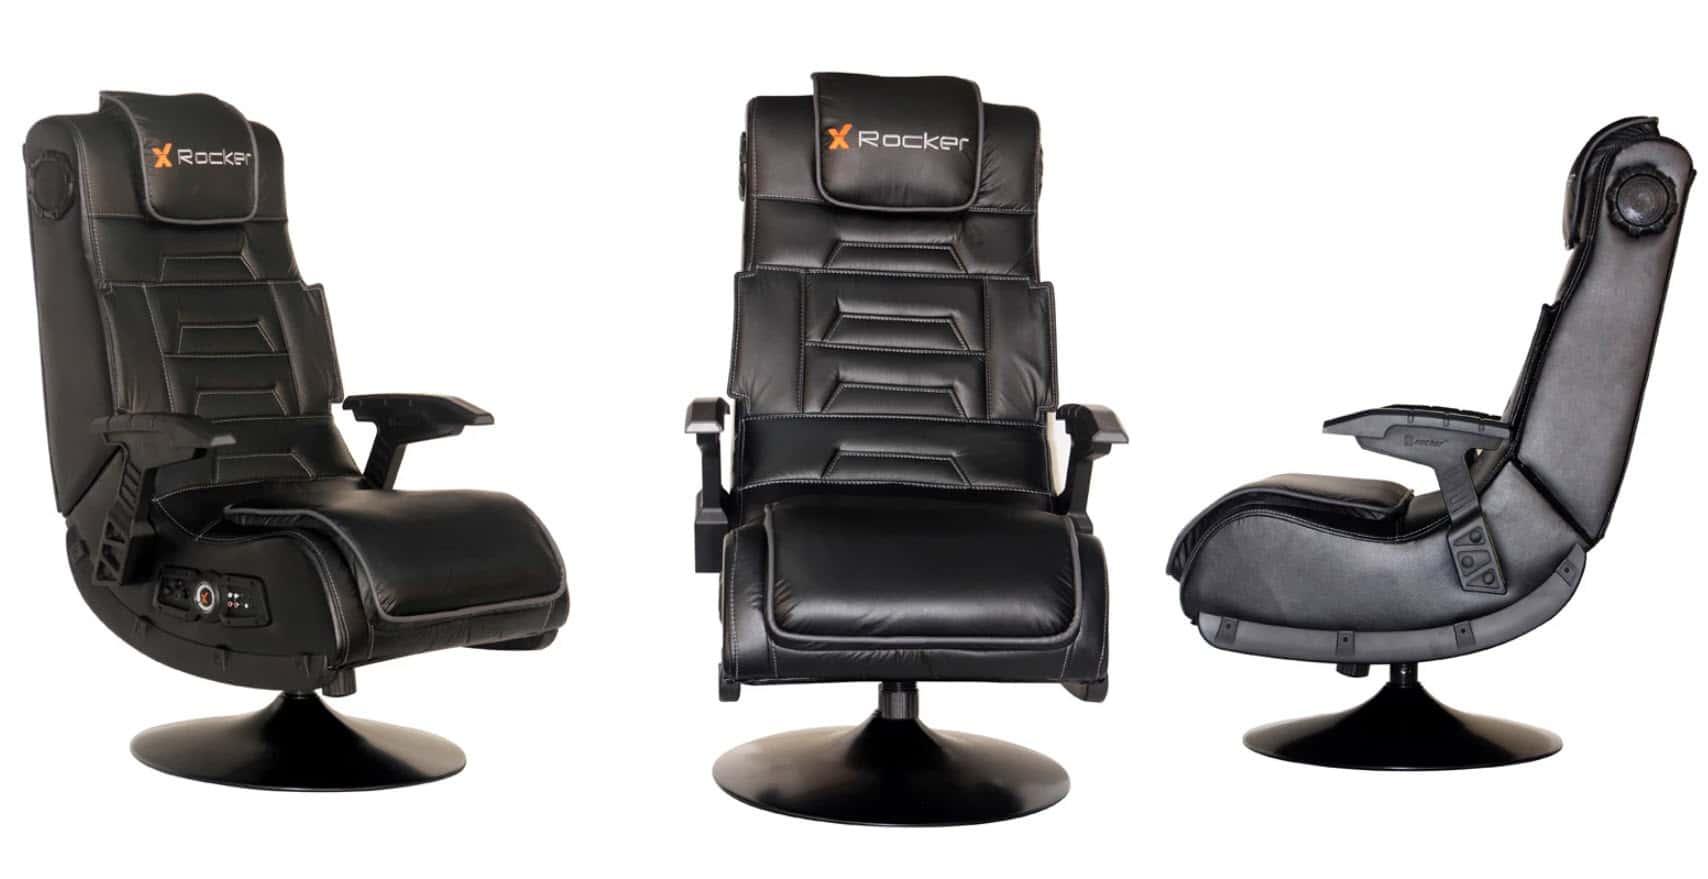 Xrocker 2.1 pedestal chair